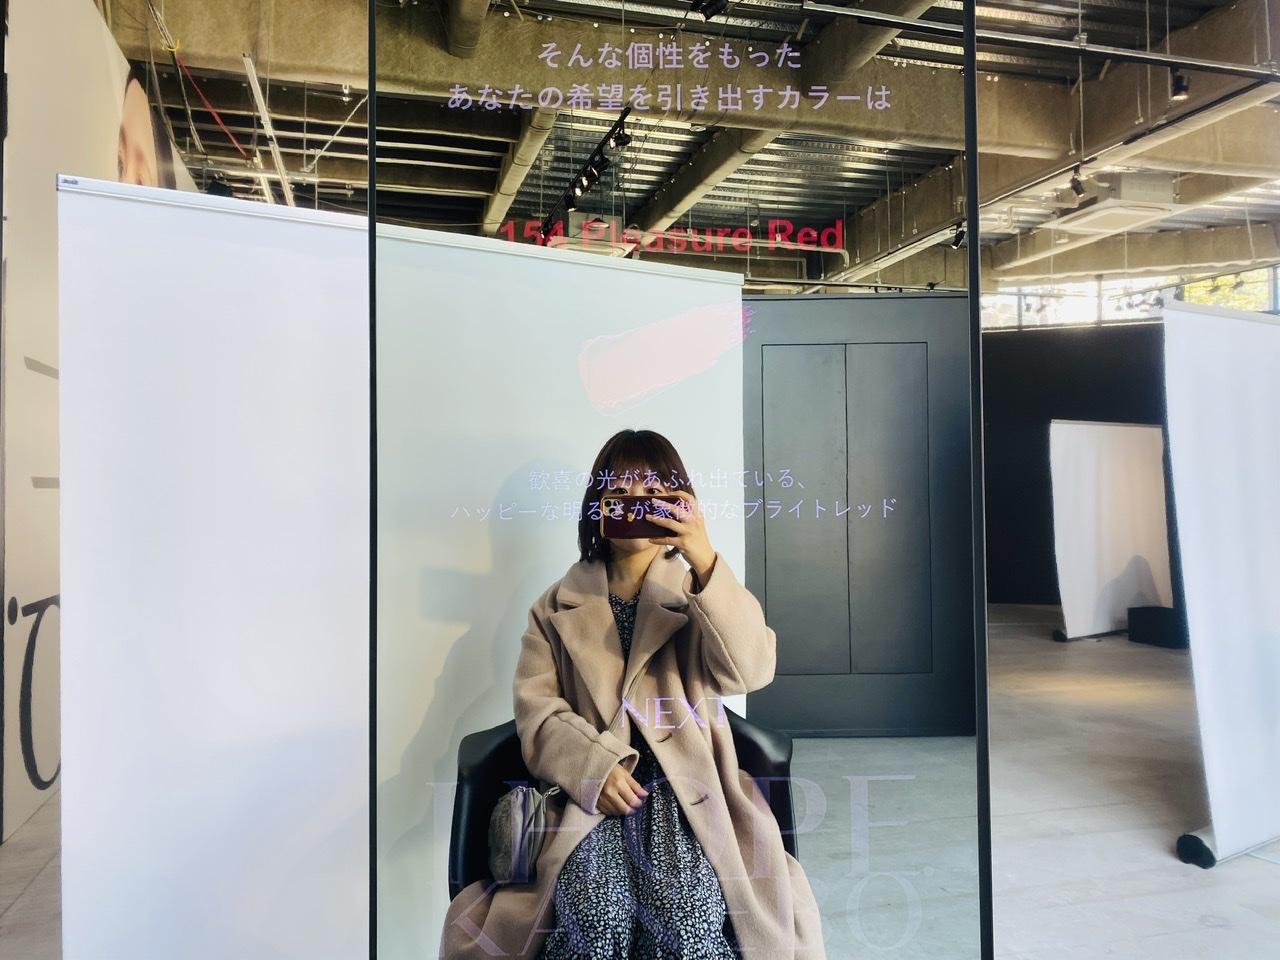 【KANEBO】お土産付★鏡に映るデジタルカラー診断がすごい!《春新作ルージュ》で唇から大変身♡_3